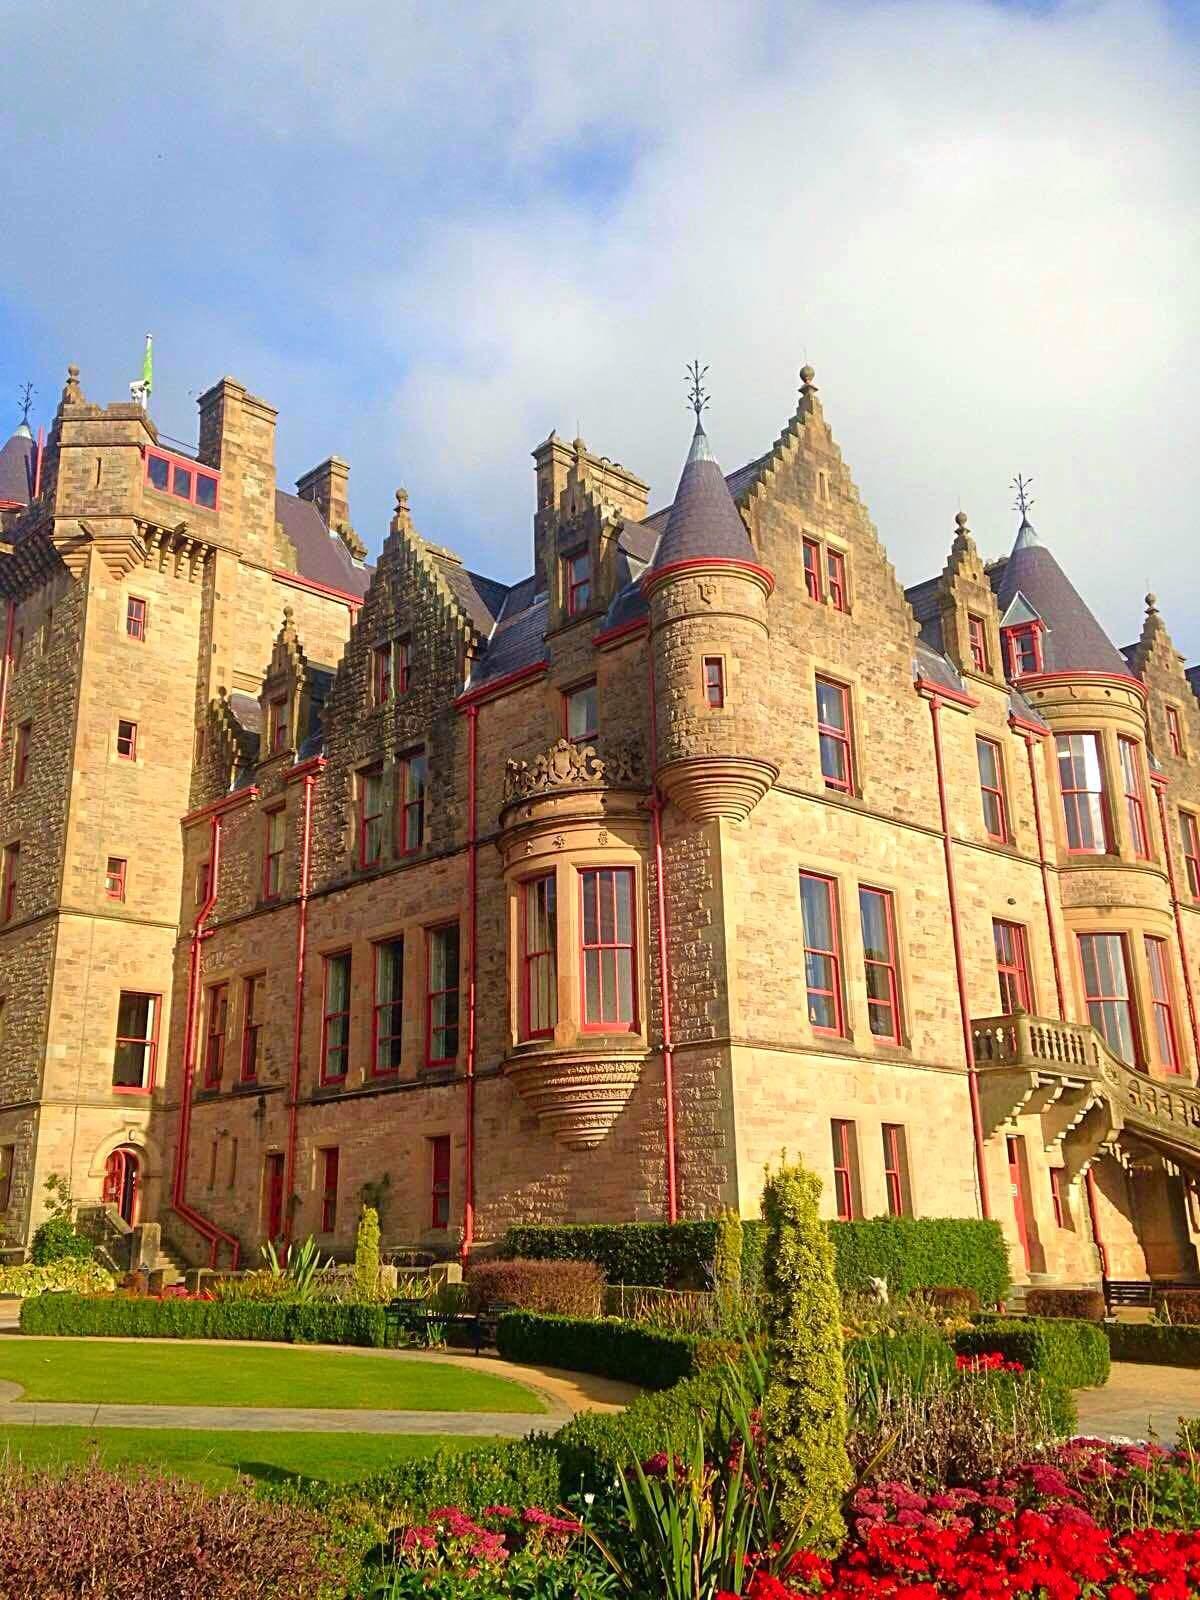 城堡外有一座美丽的花园和一个文化中心 2014-09-29有用 ( 0)